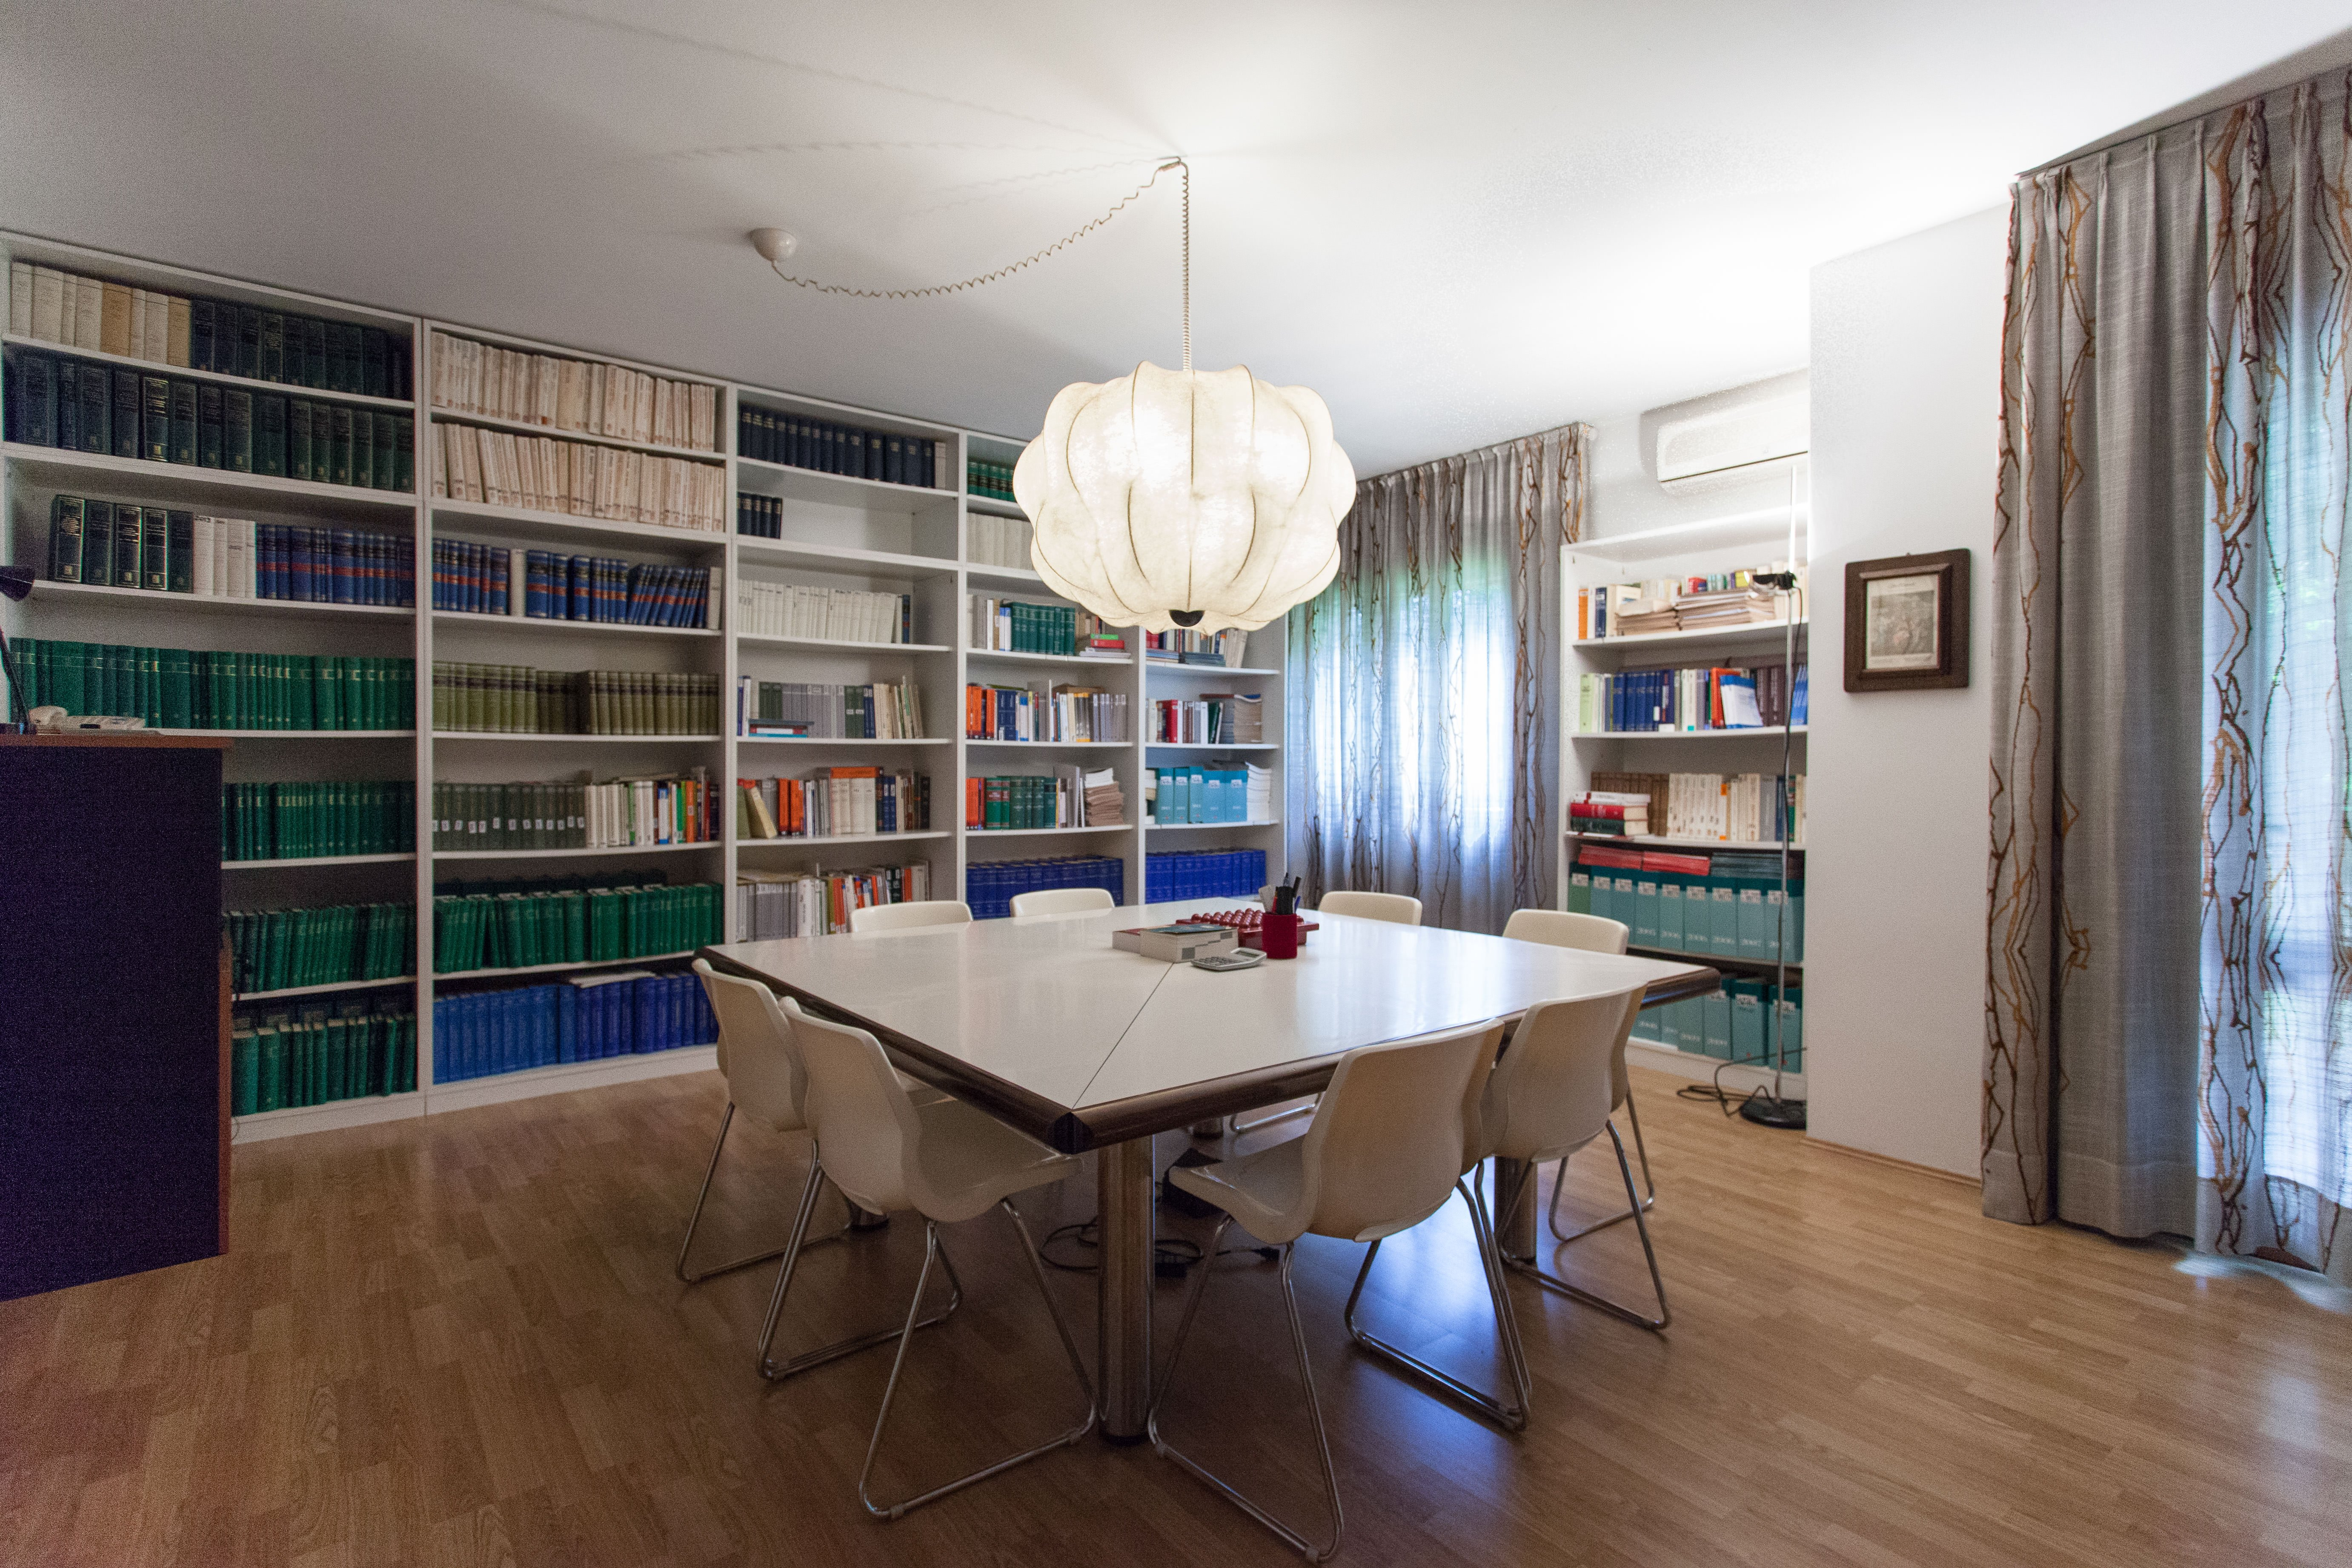 sala d'aspetto con tavolo bianco